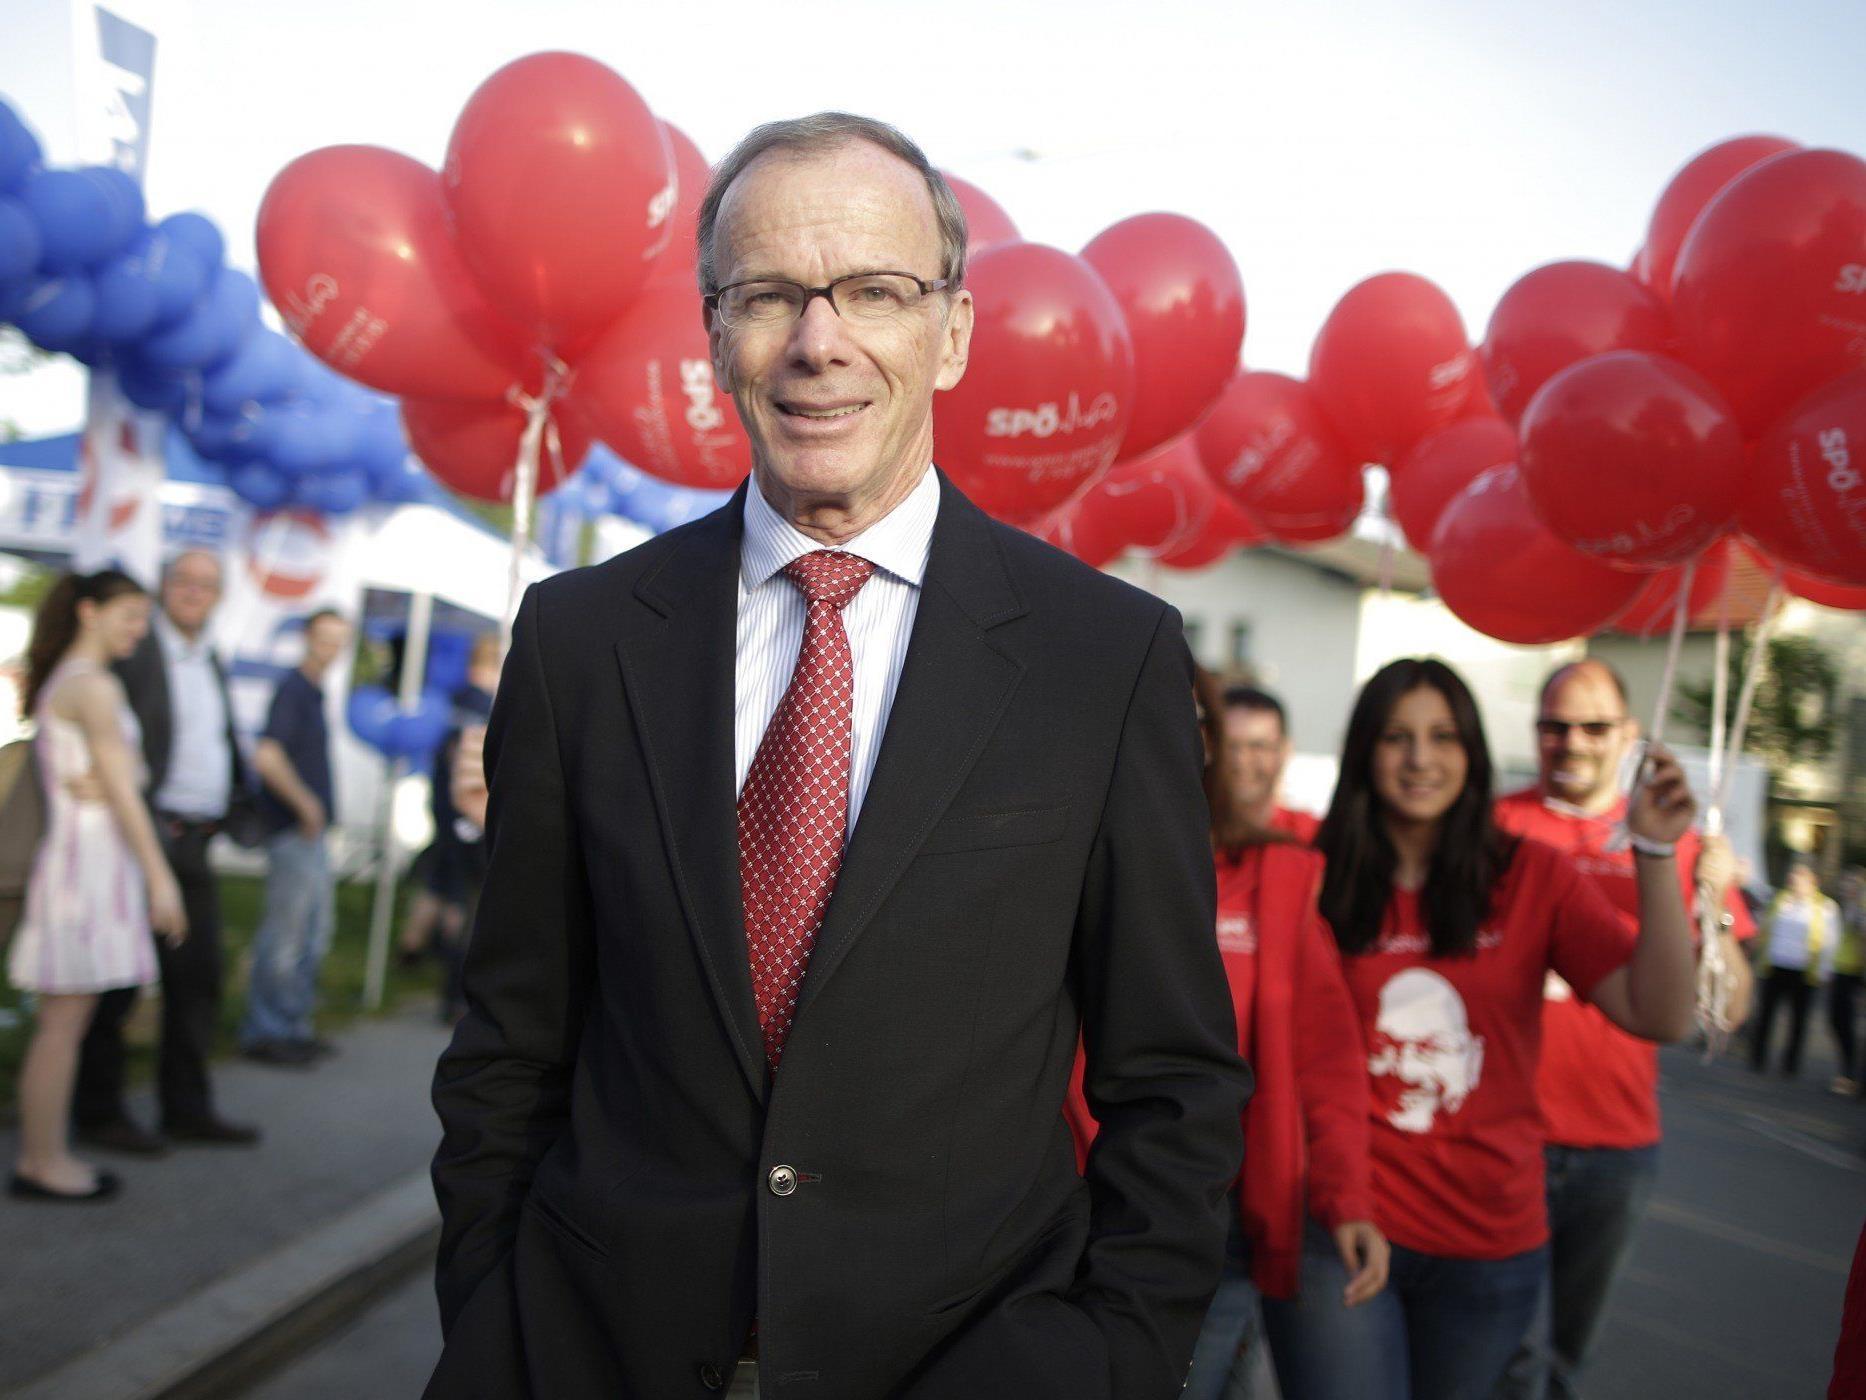 SPÖ-Spitzenkandidat Eugen Freund geht zuversichtlich in die Europawahl.